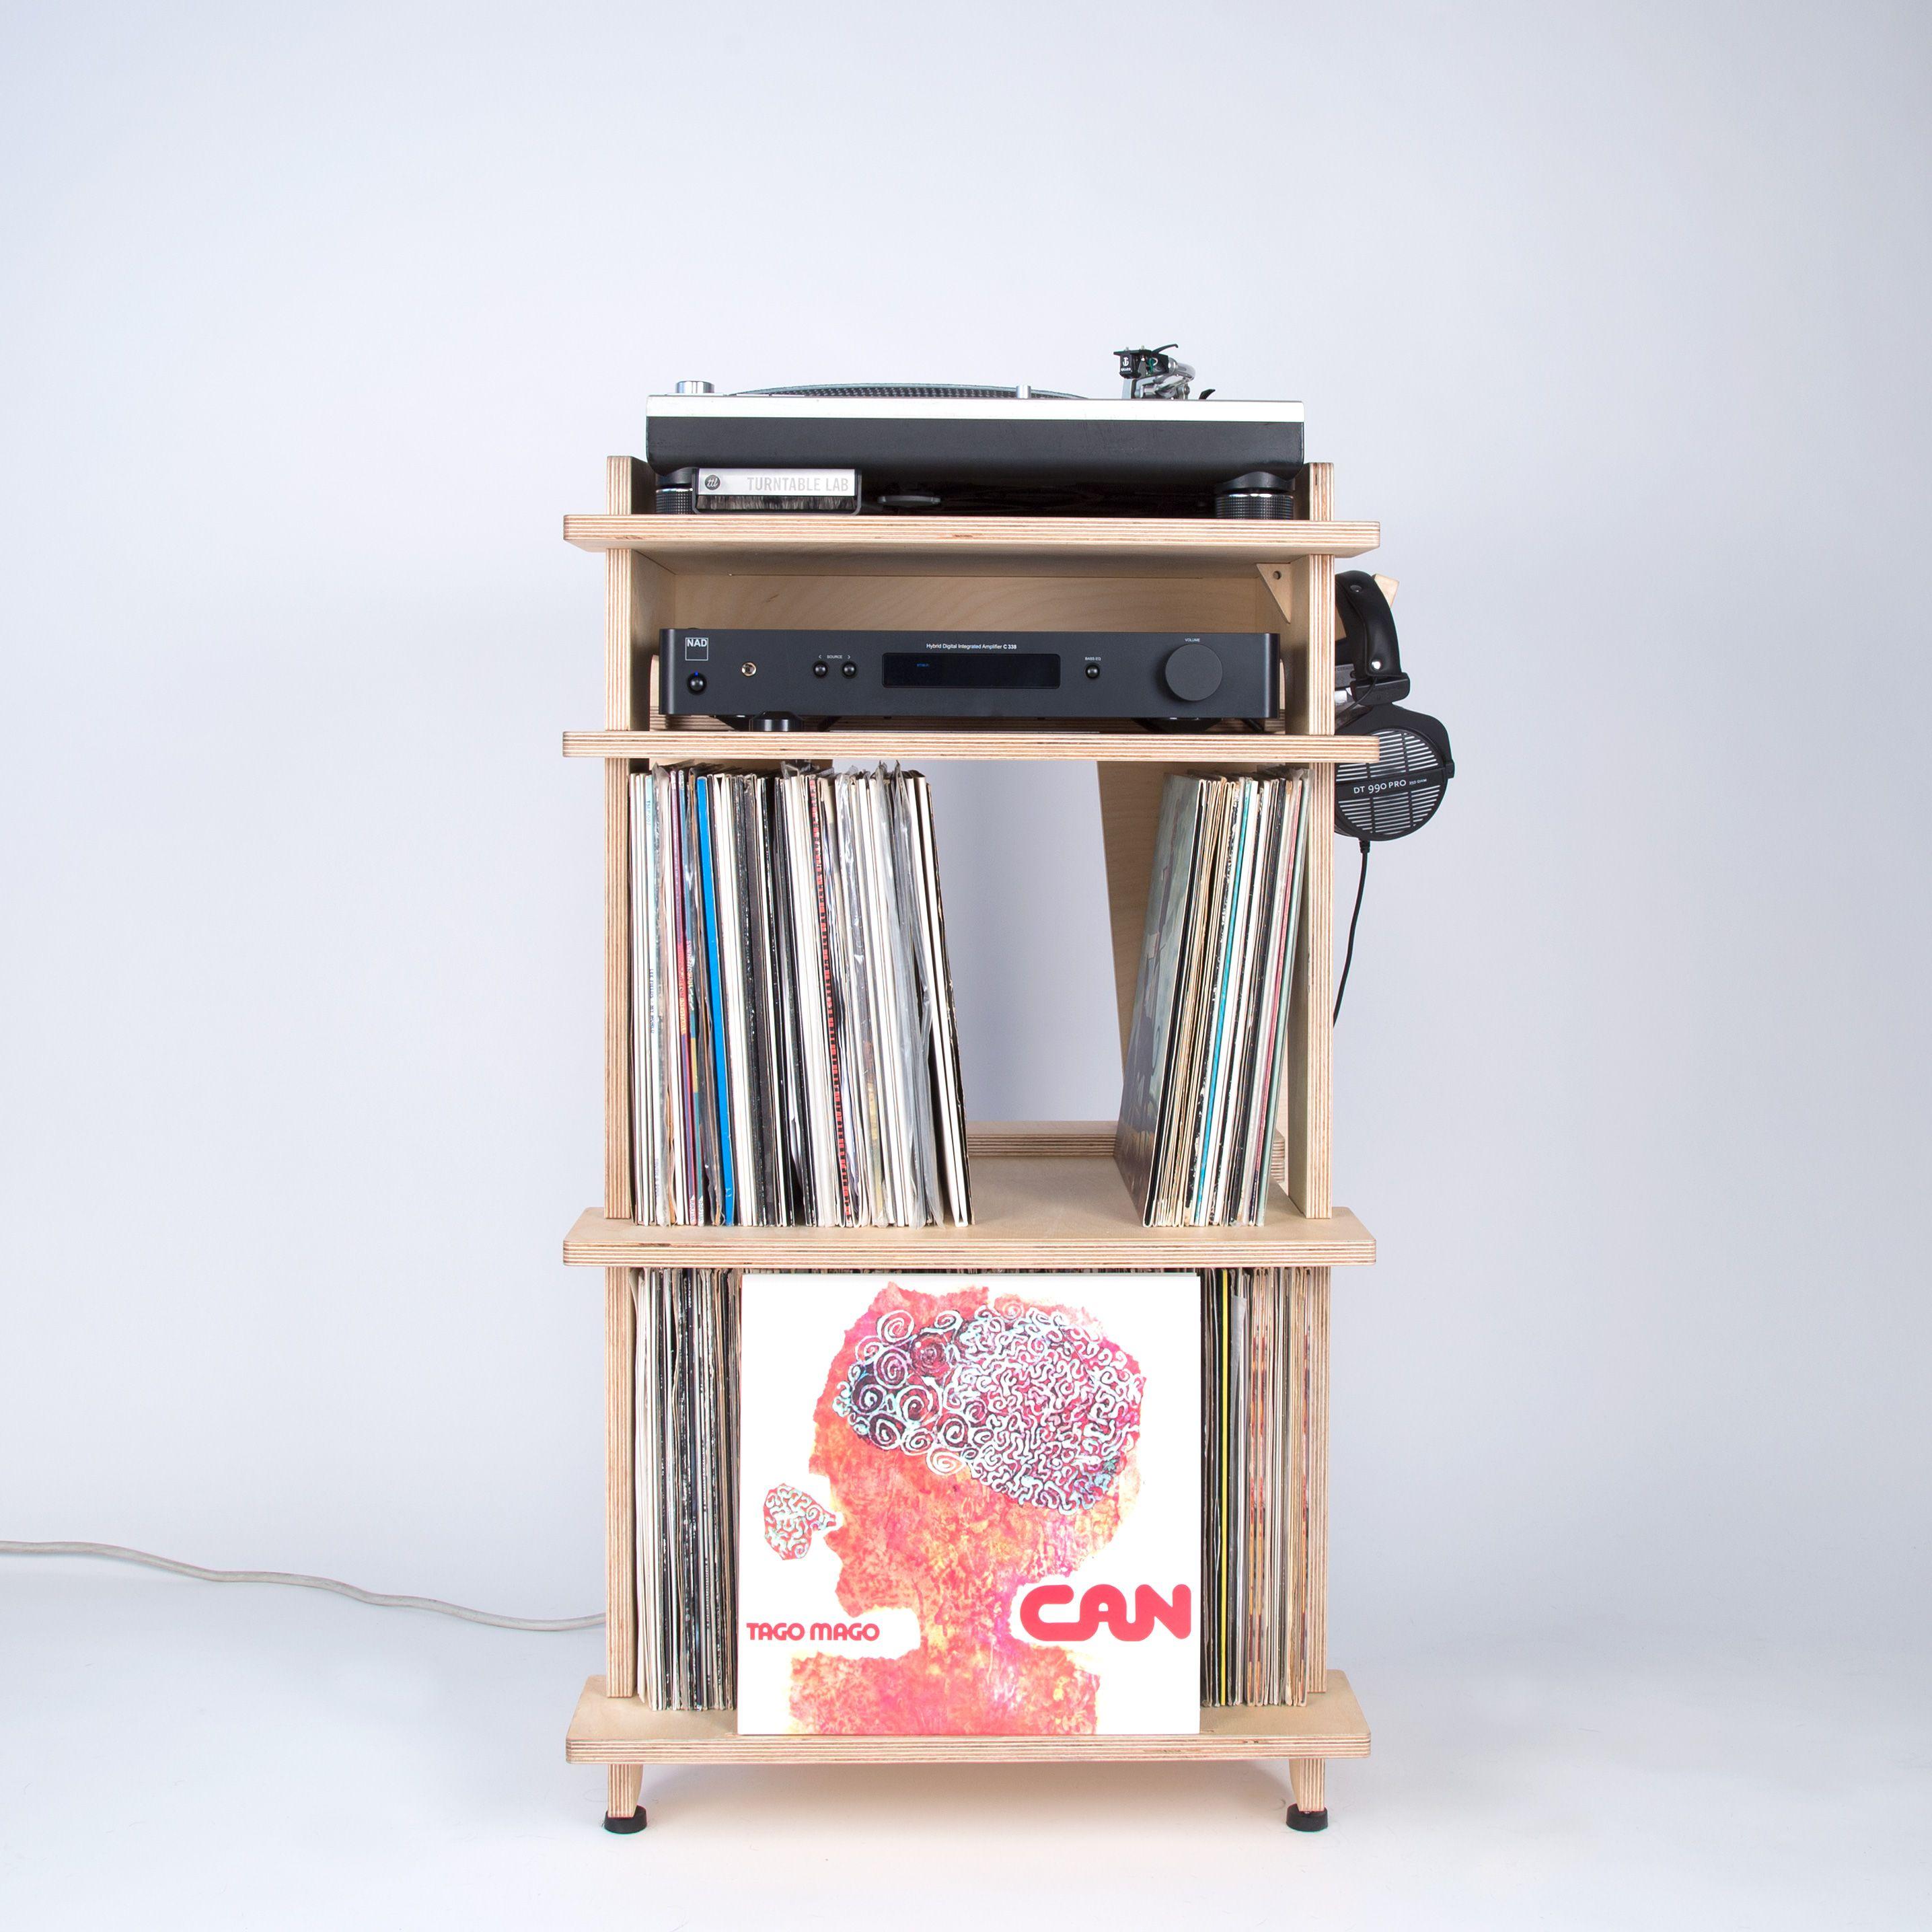 Line Phono Speaker Stand For Bookshelf Speakers Sonos Play 5